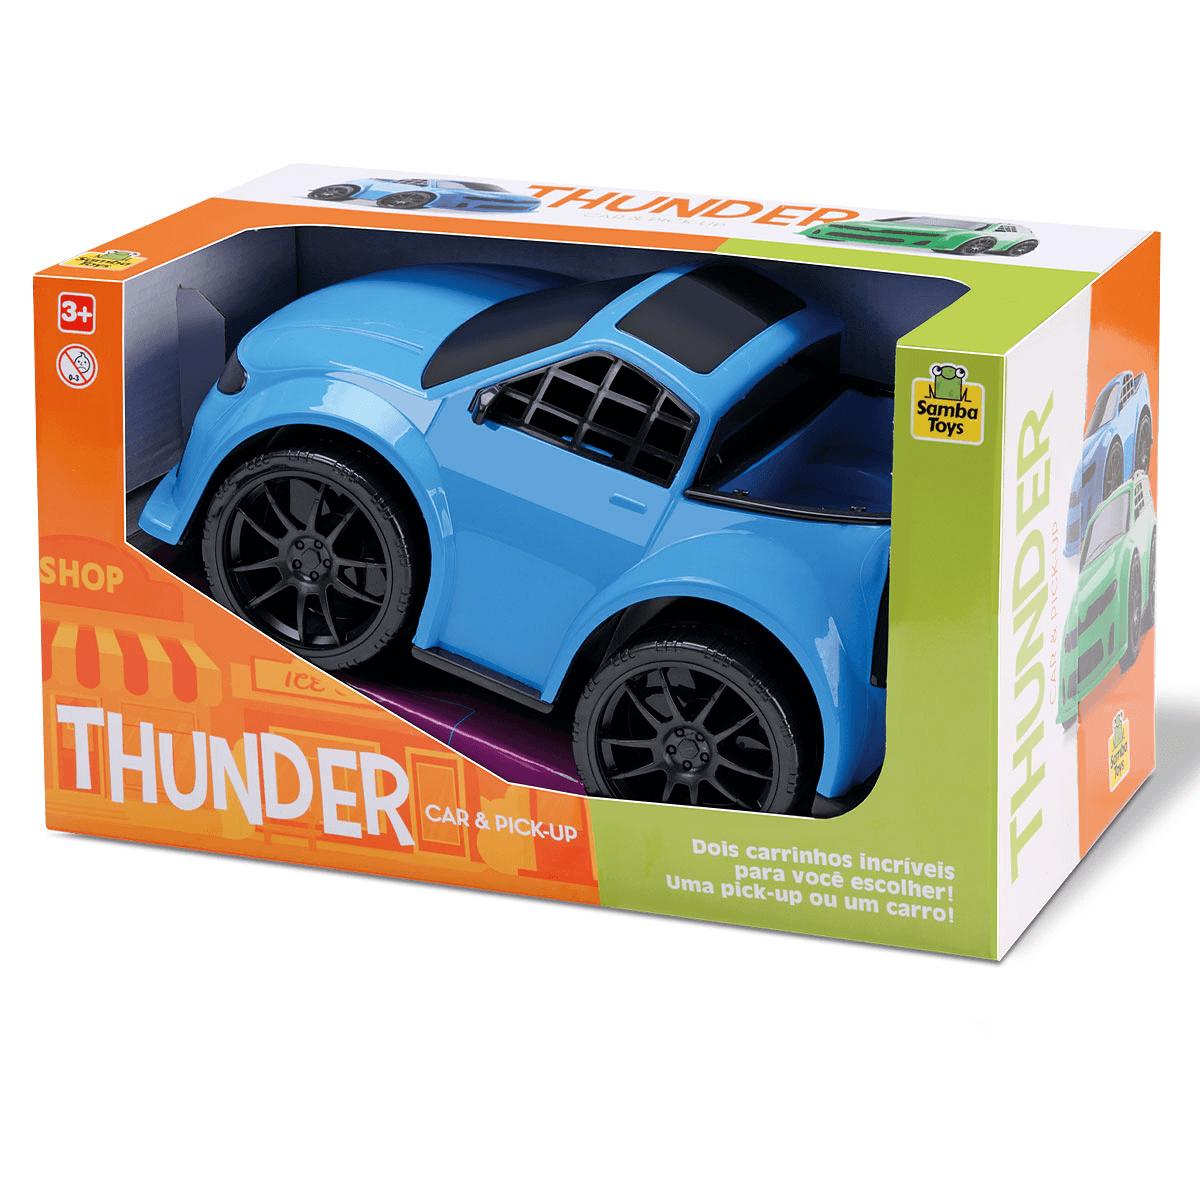 Carrinho Thunder Car & Pickup